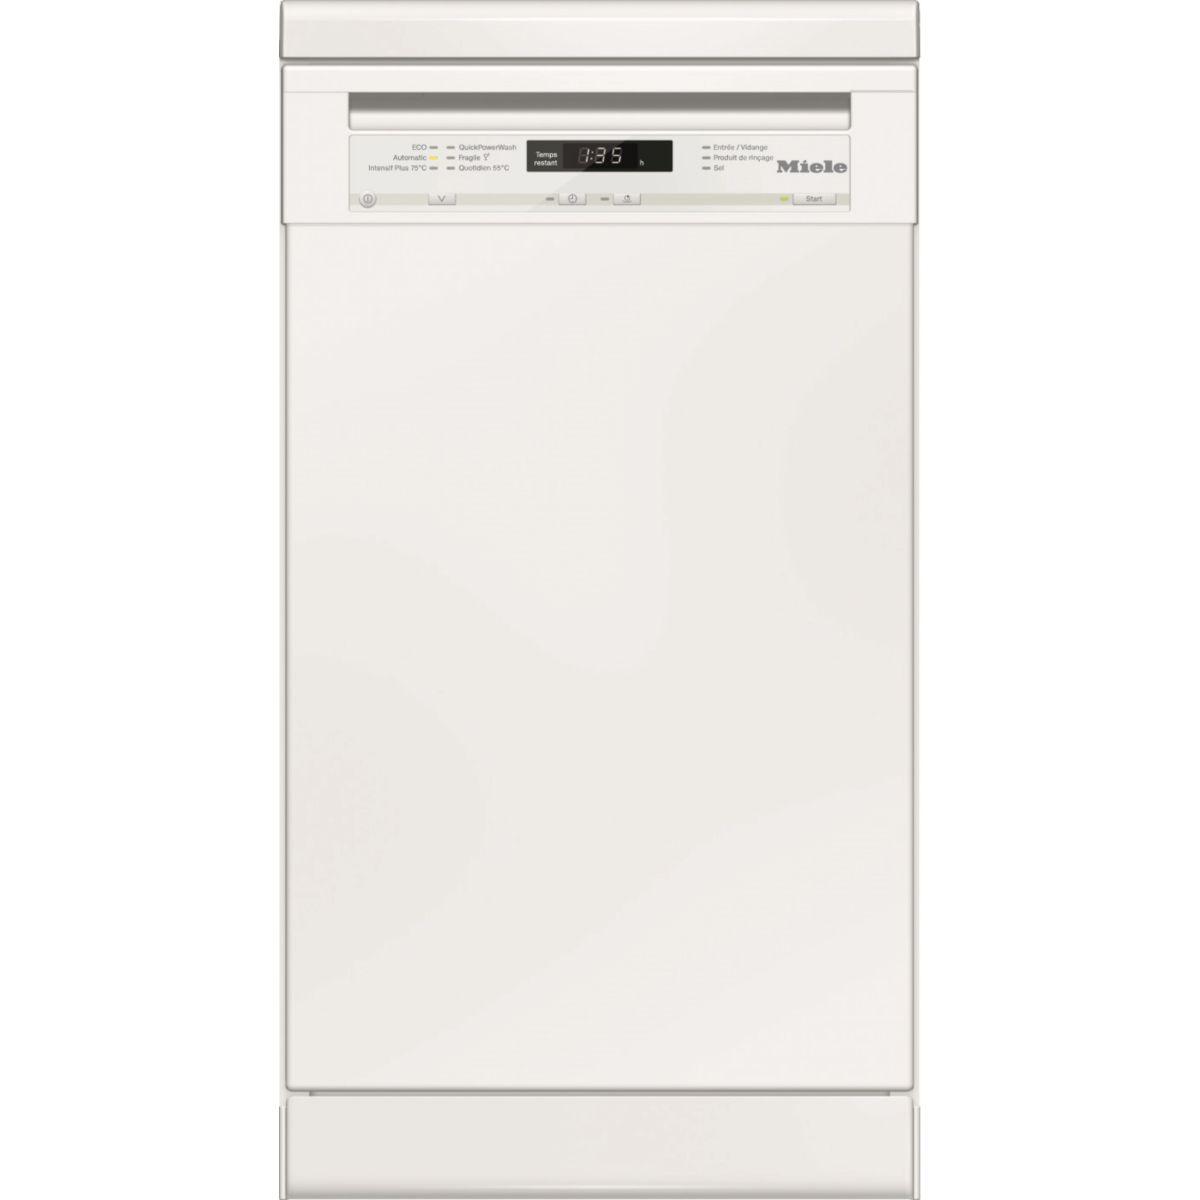 Lave vaisselle 45 cm MIELE G 4722 SC